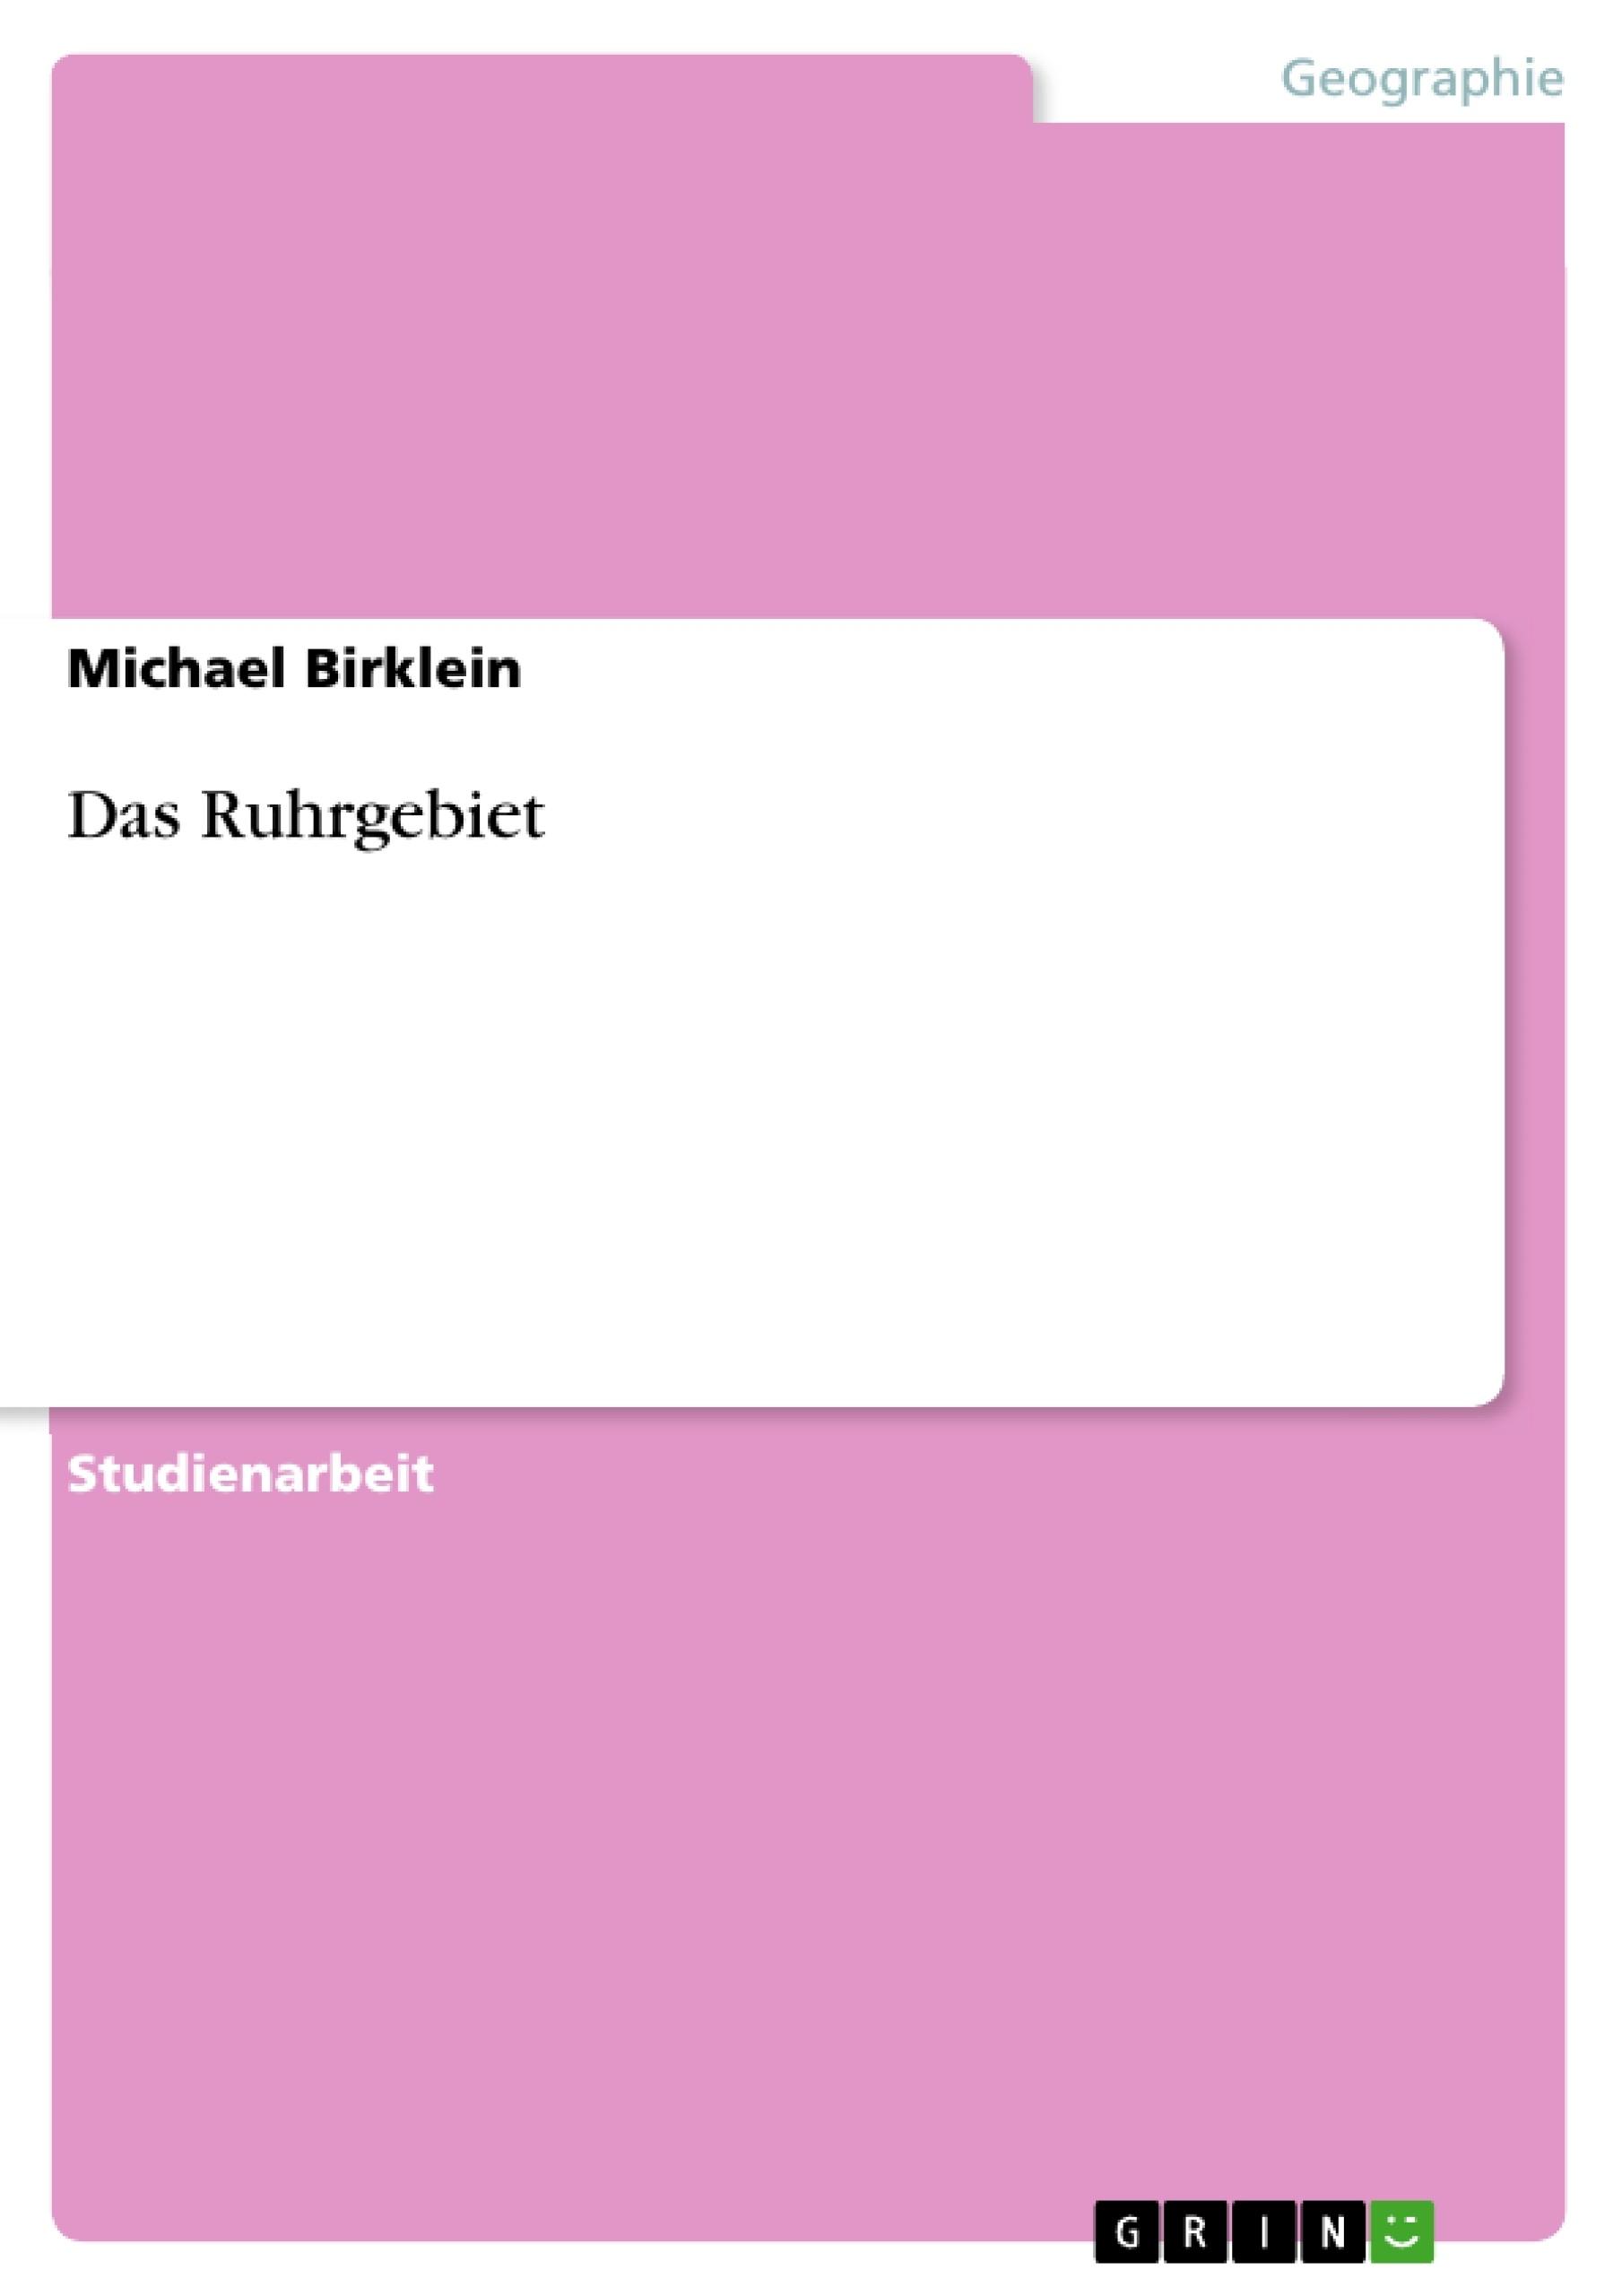 Titel: Das Ruhrgebiet